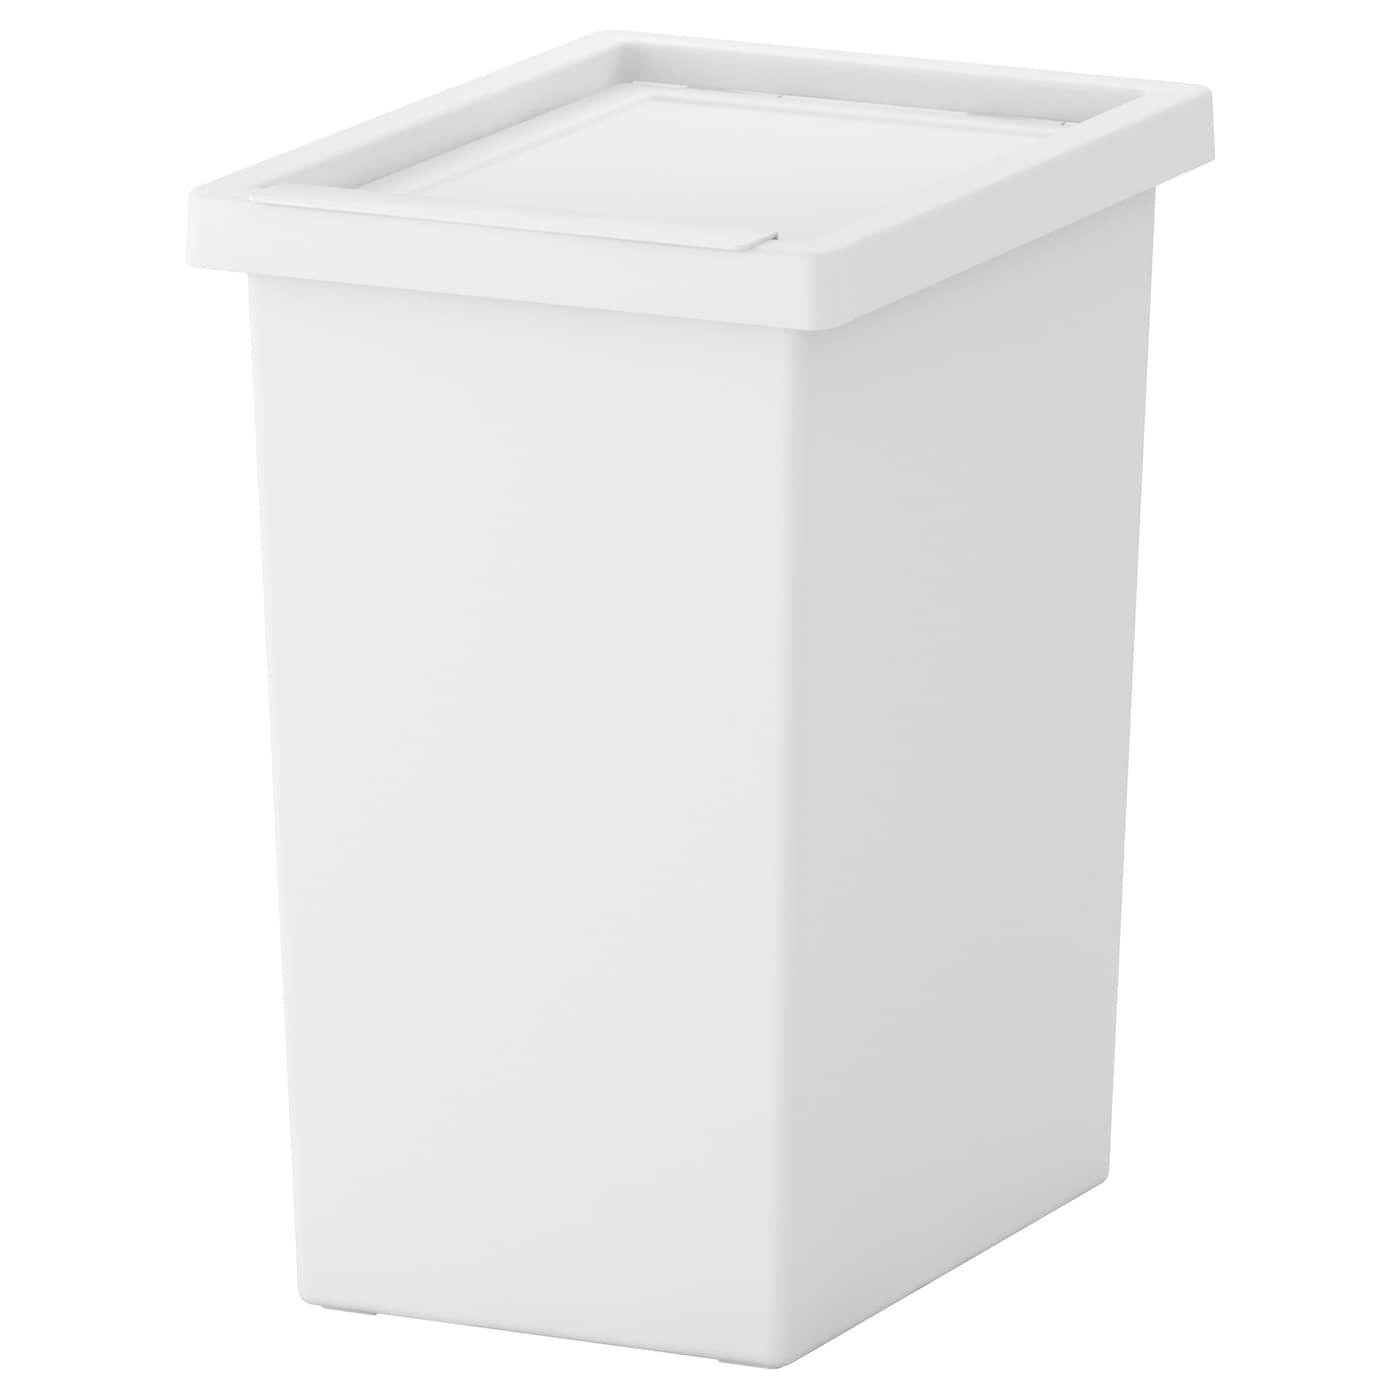 Ikea Wäschebox sortera abfalleimer mit deckel ikea